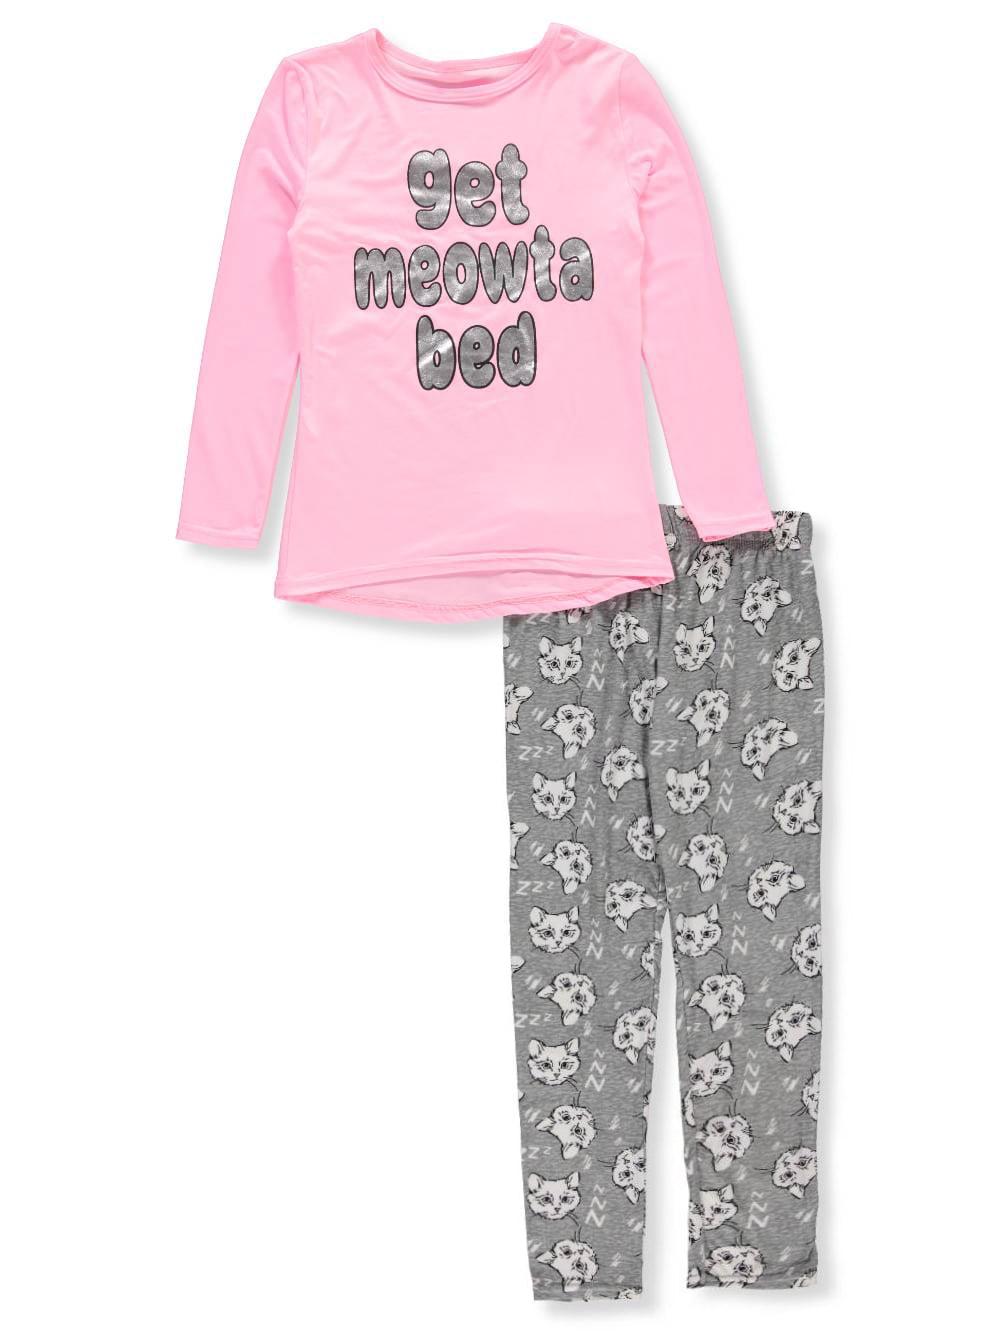 Delia's Girls' 2-Piece Pajamas